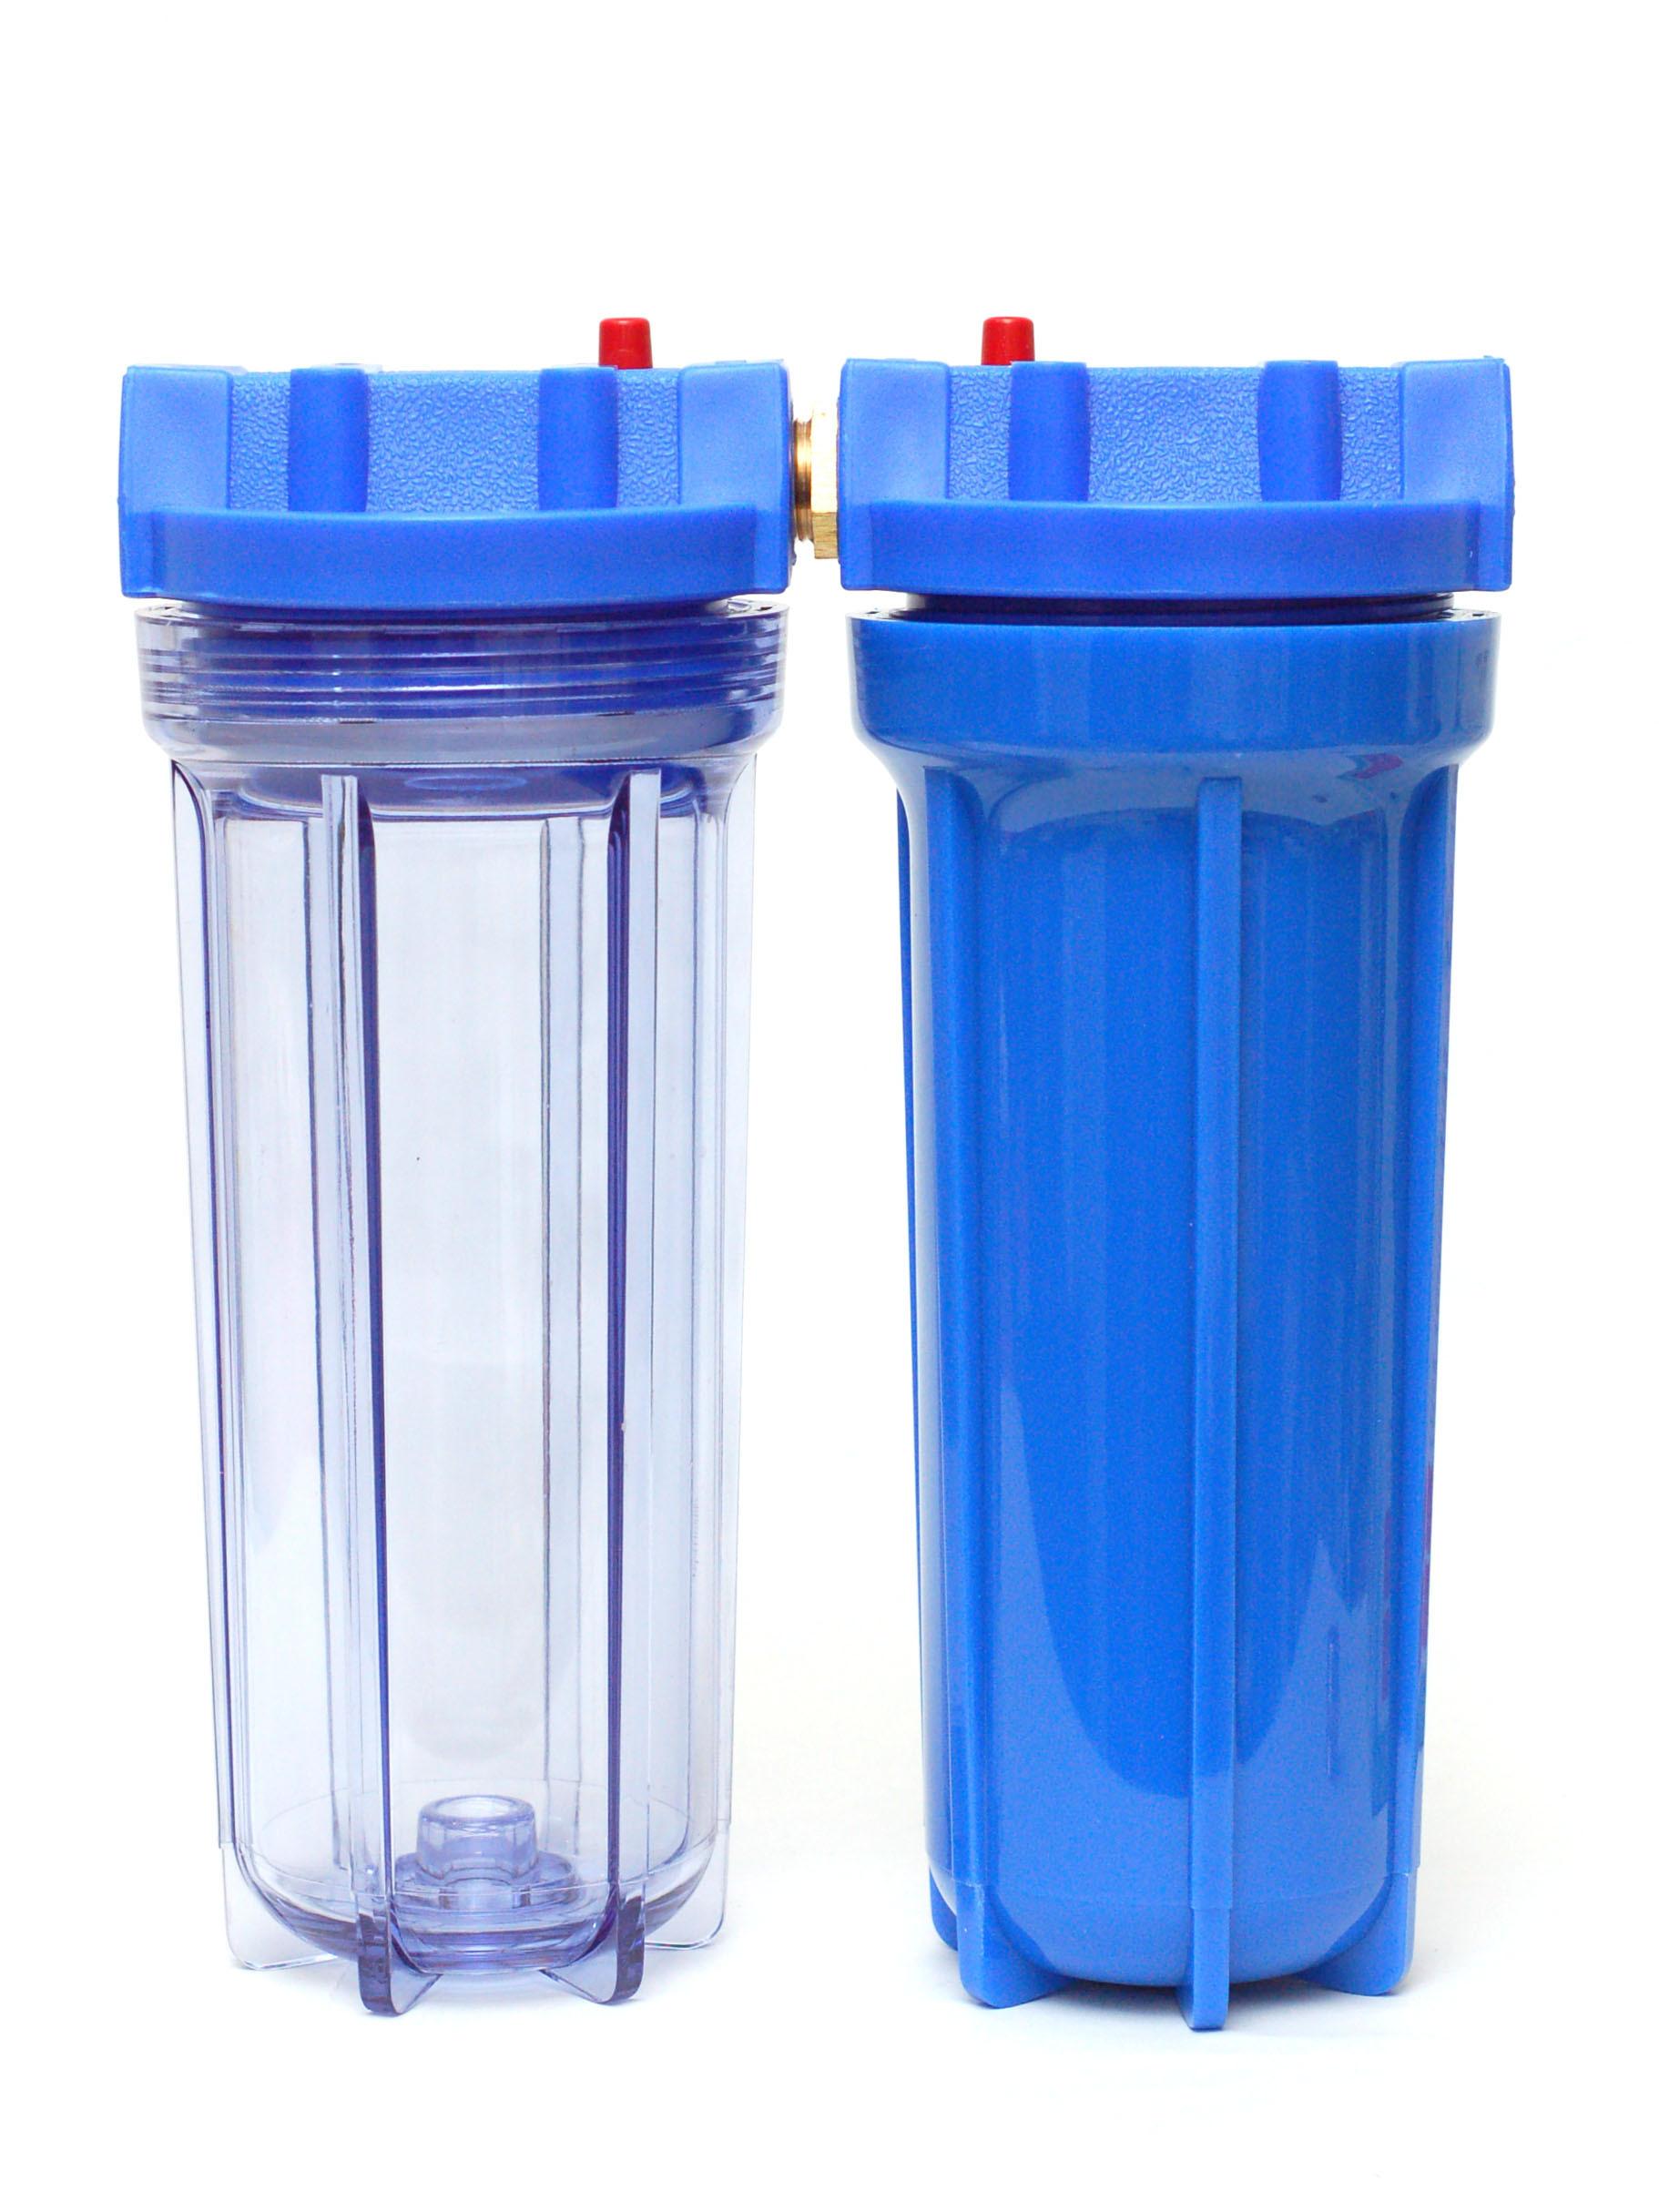 Buying Water Treatment Equipment